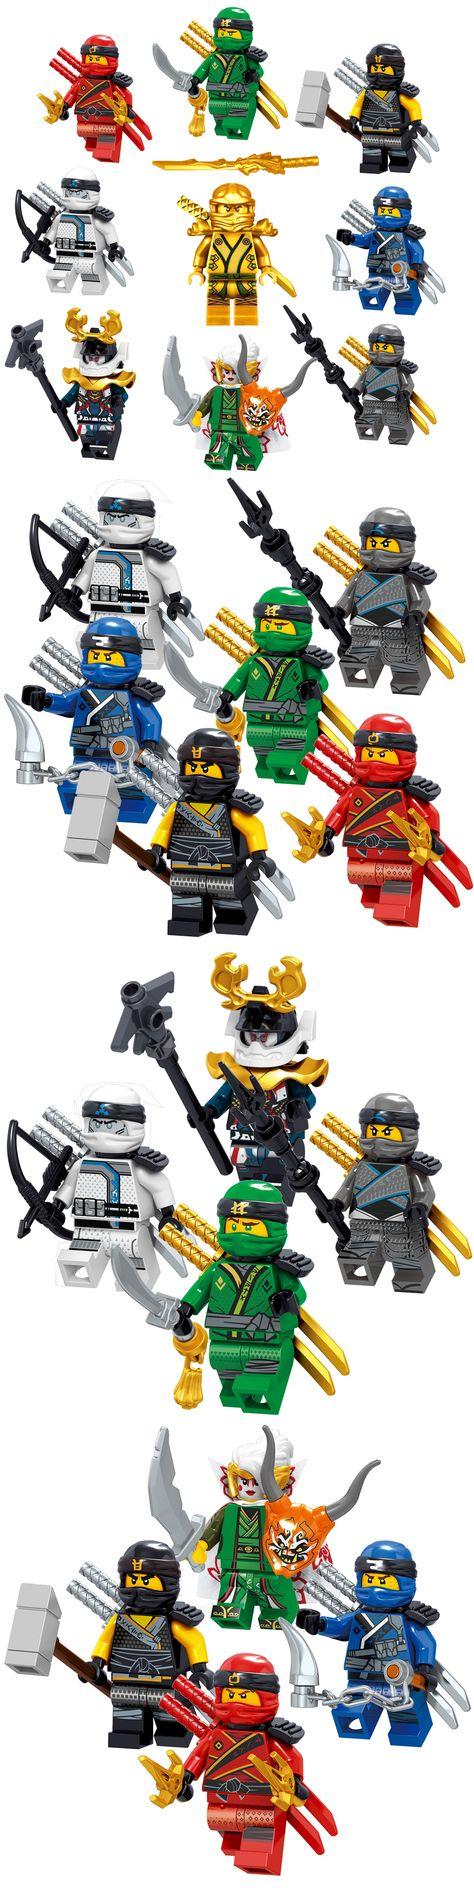 List of ninjago zane x cole pictures and ninjago zane x cole